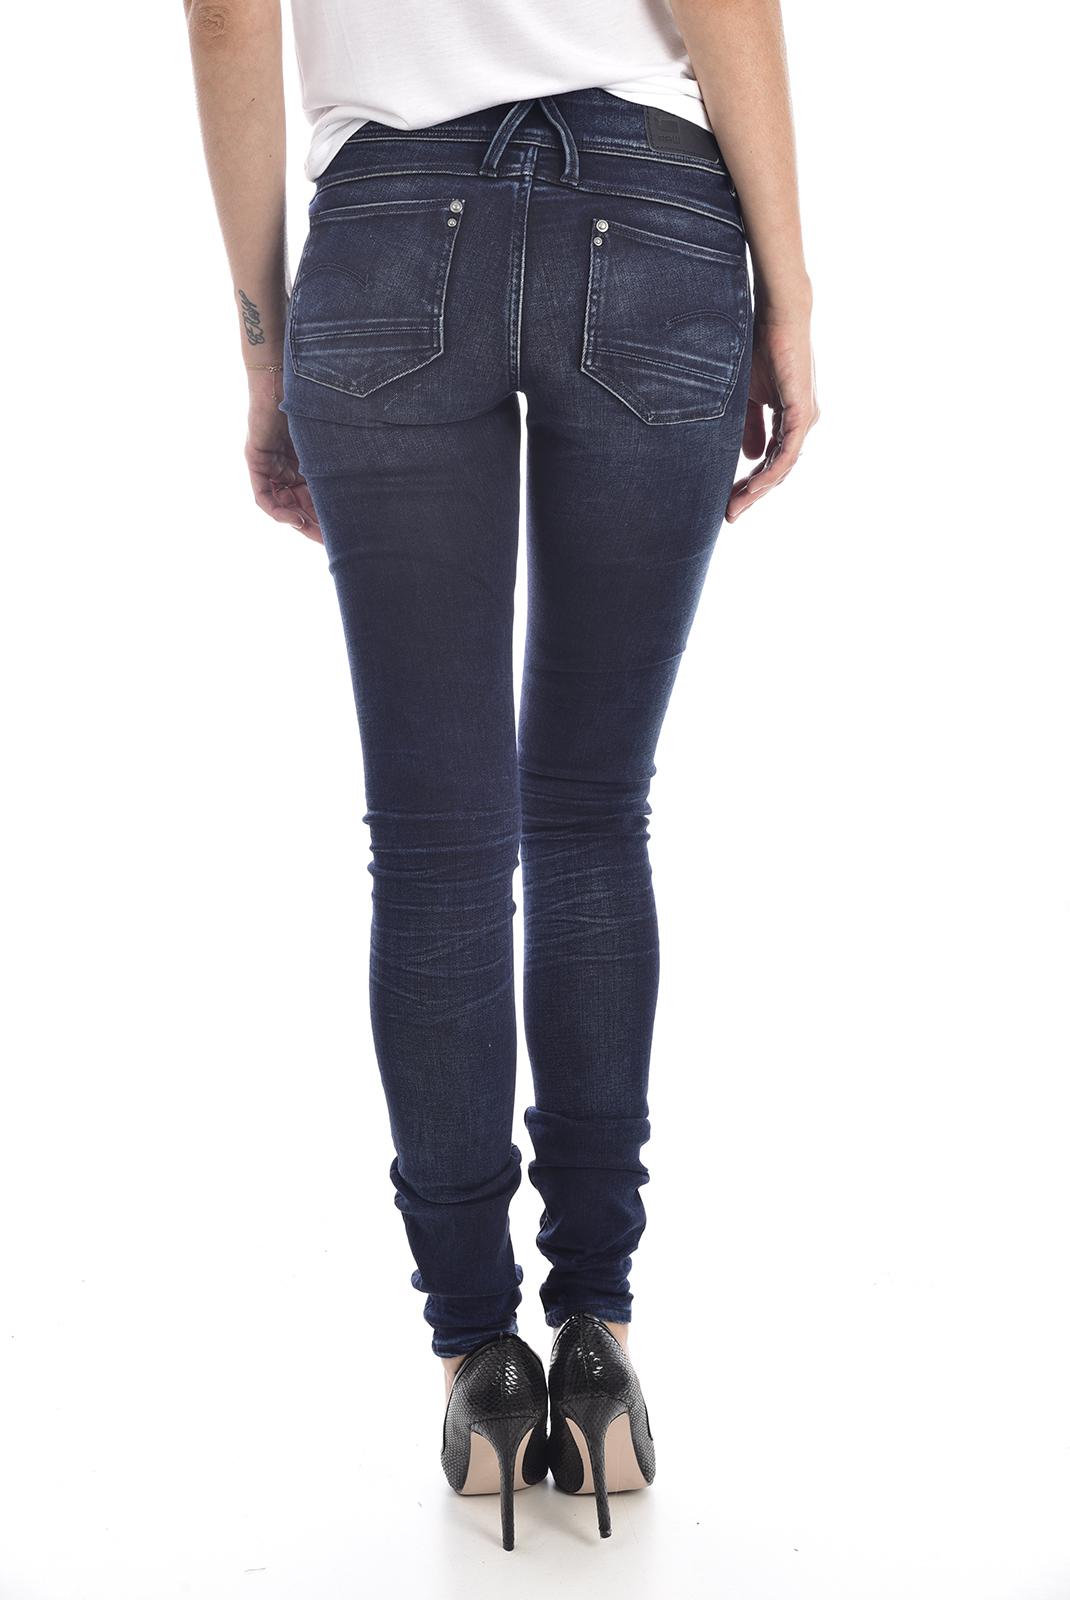 Jeans   G-star 60887-6549-89 lynn zip bleu